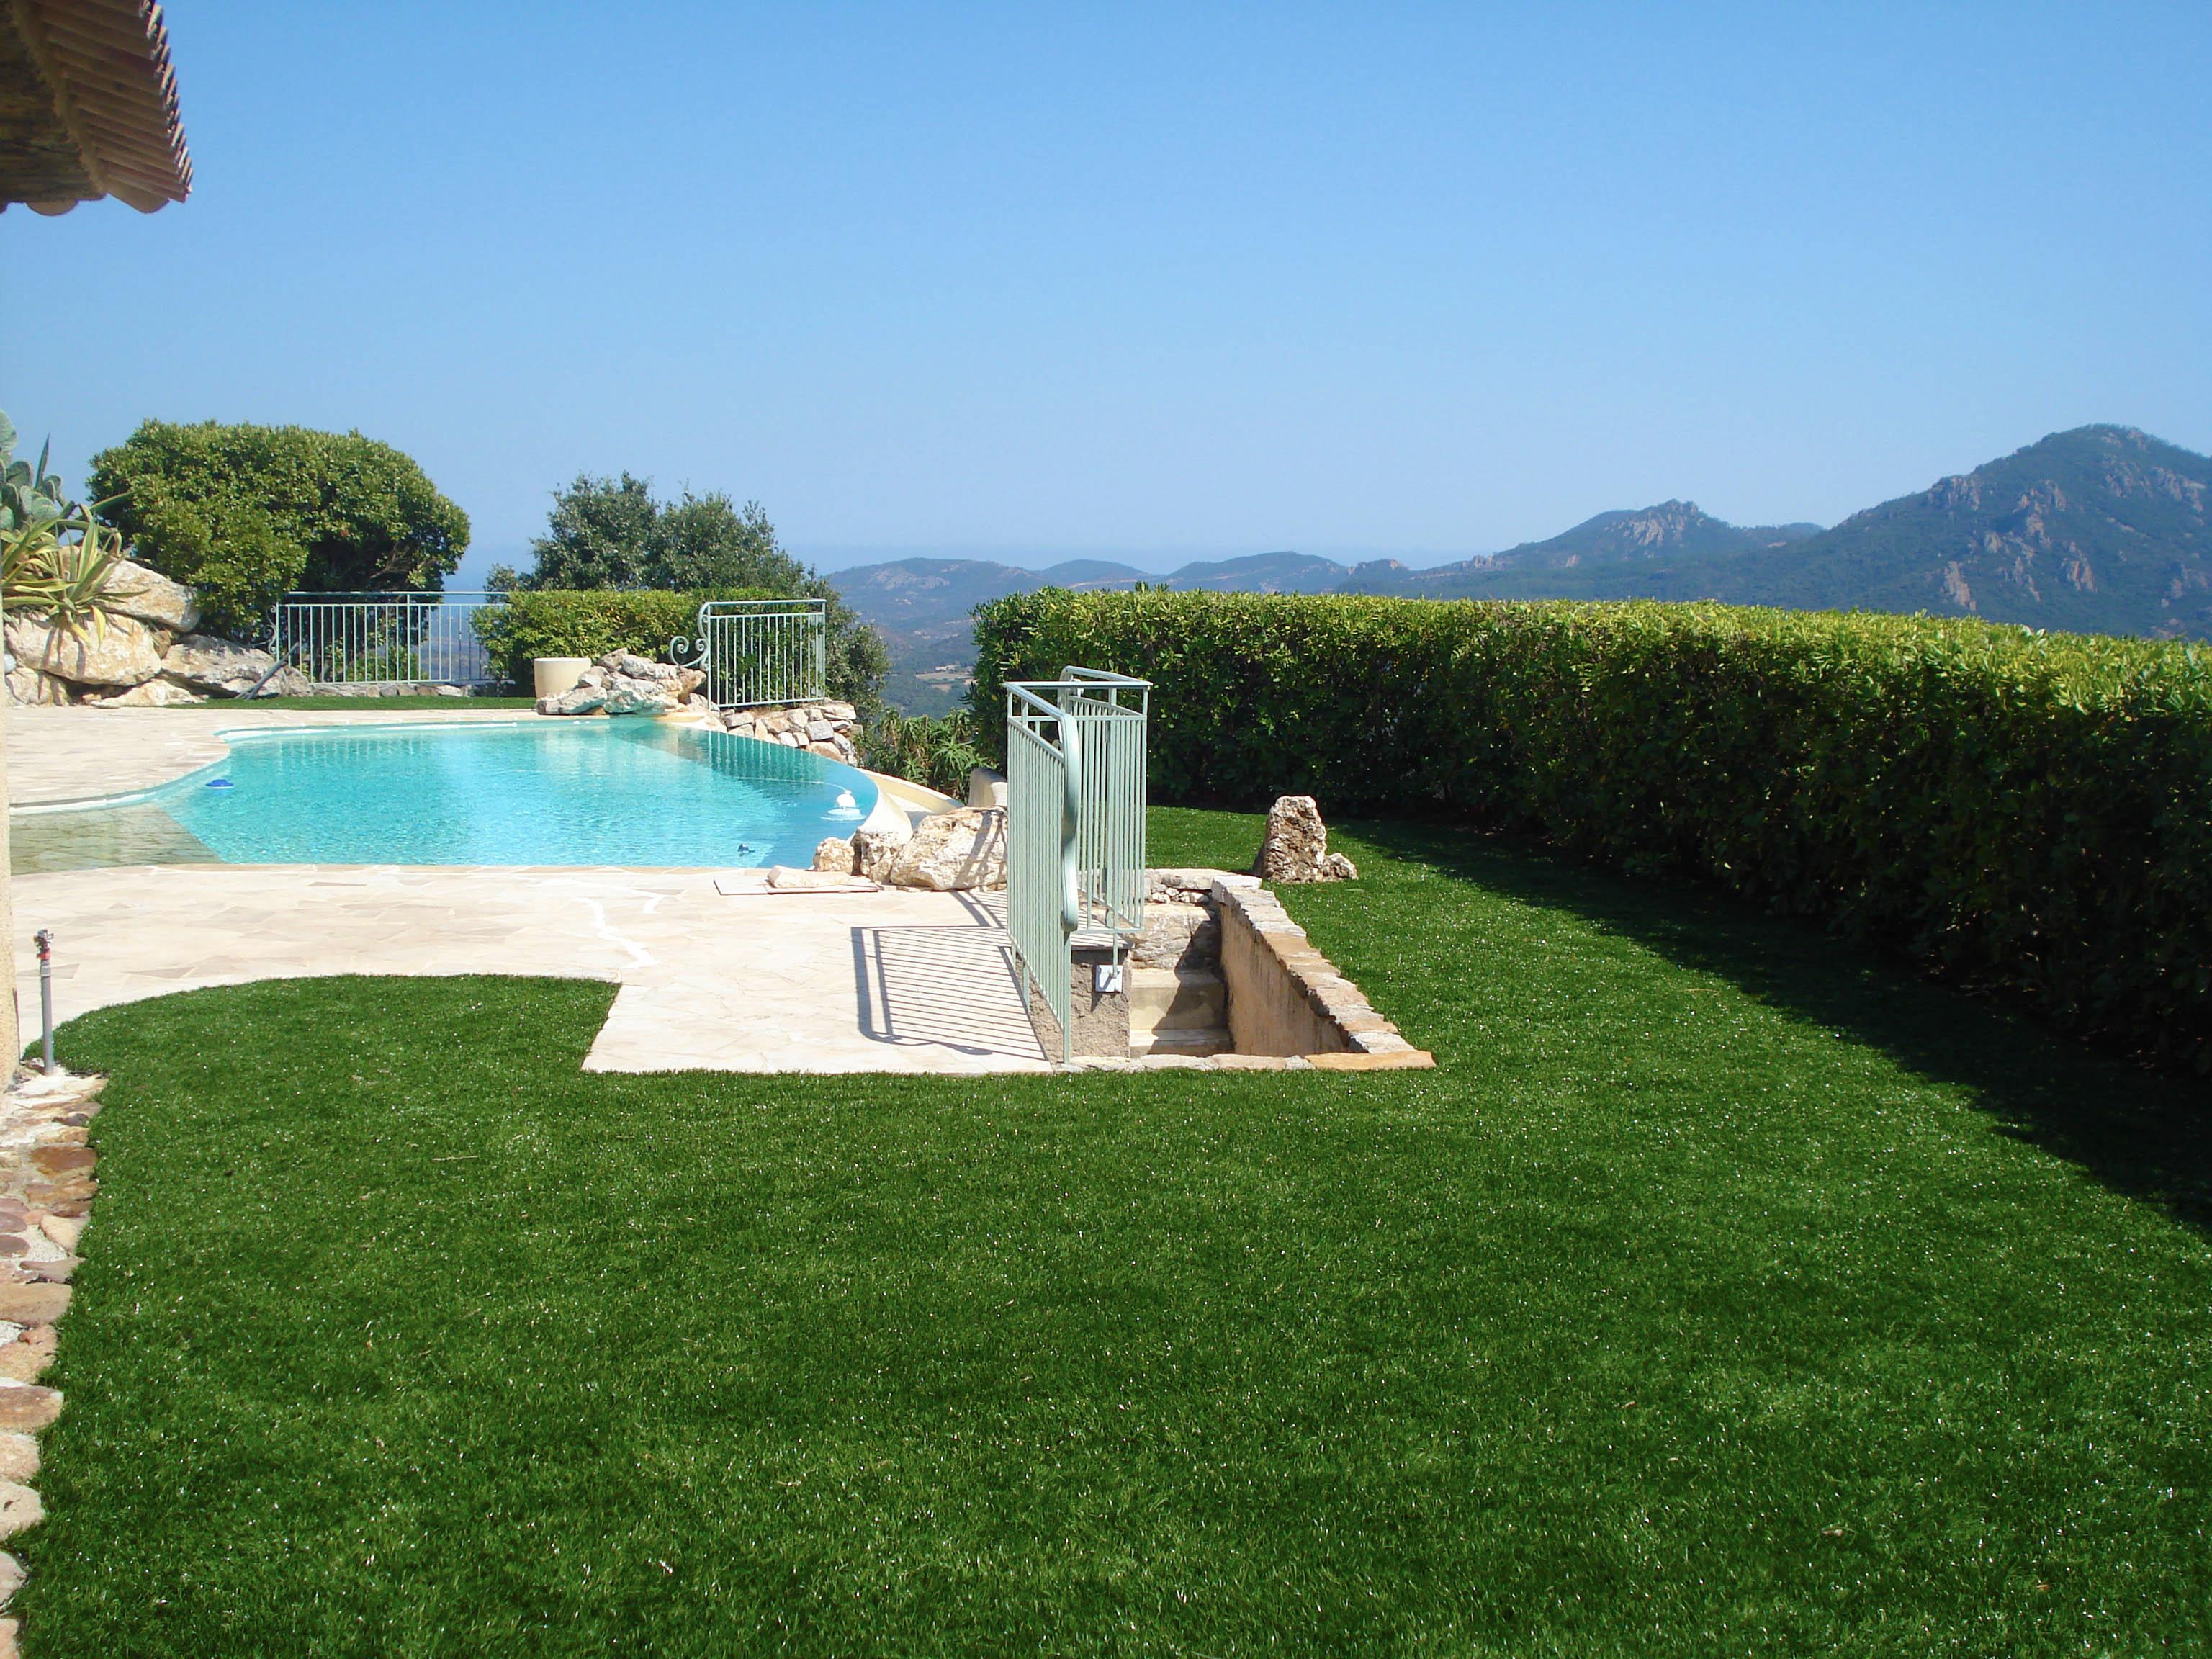 Erba sintetica italgreen landscape al sun italgreen - Erba sintetica da giardino ...